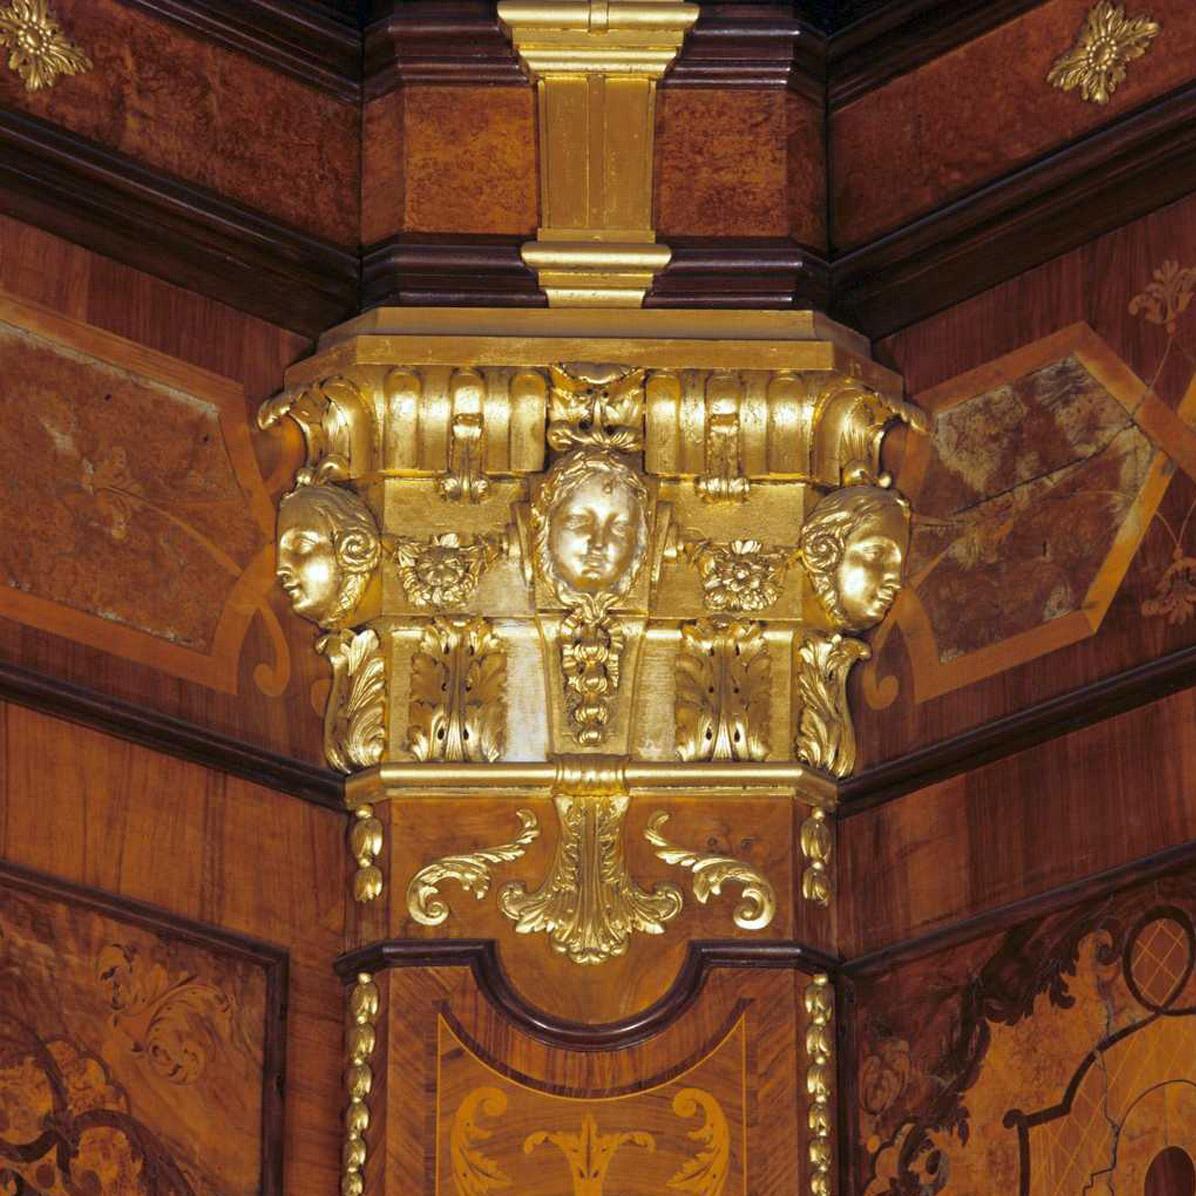 Detail aus dem Boiserienkabinett des Jagdpavillons des Residenzschlosses Ludwigsburg; Foto: Landesmedienzentrum Baden-Württemberg, Sven Grenzemann